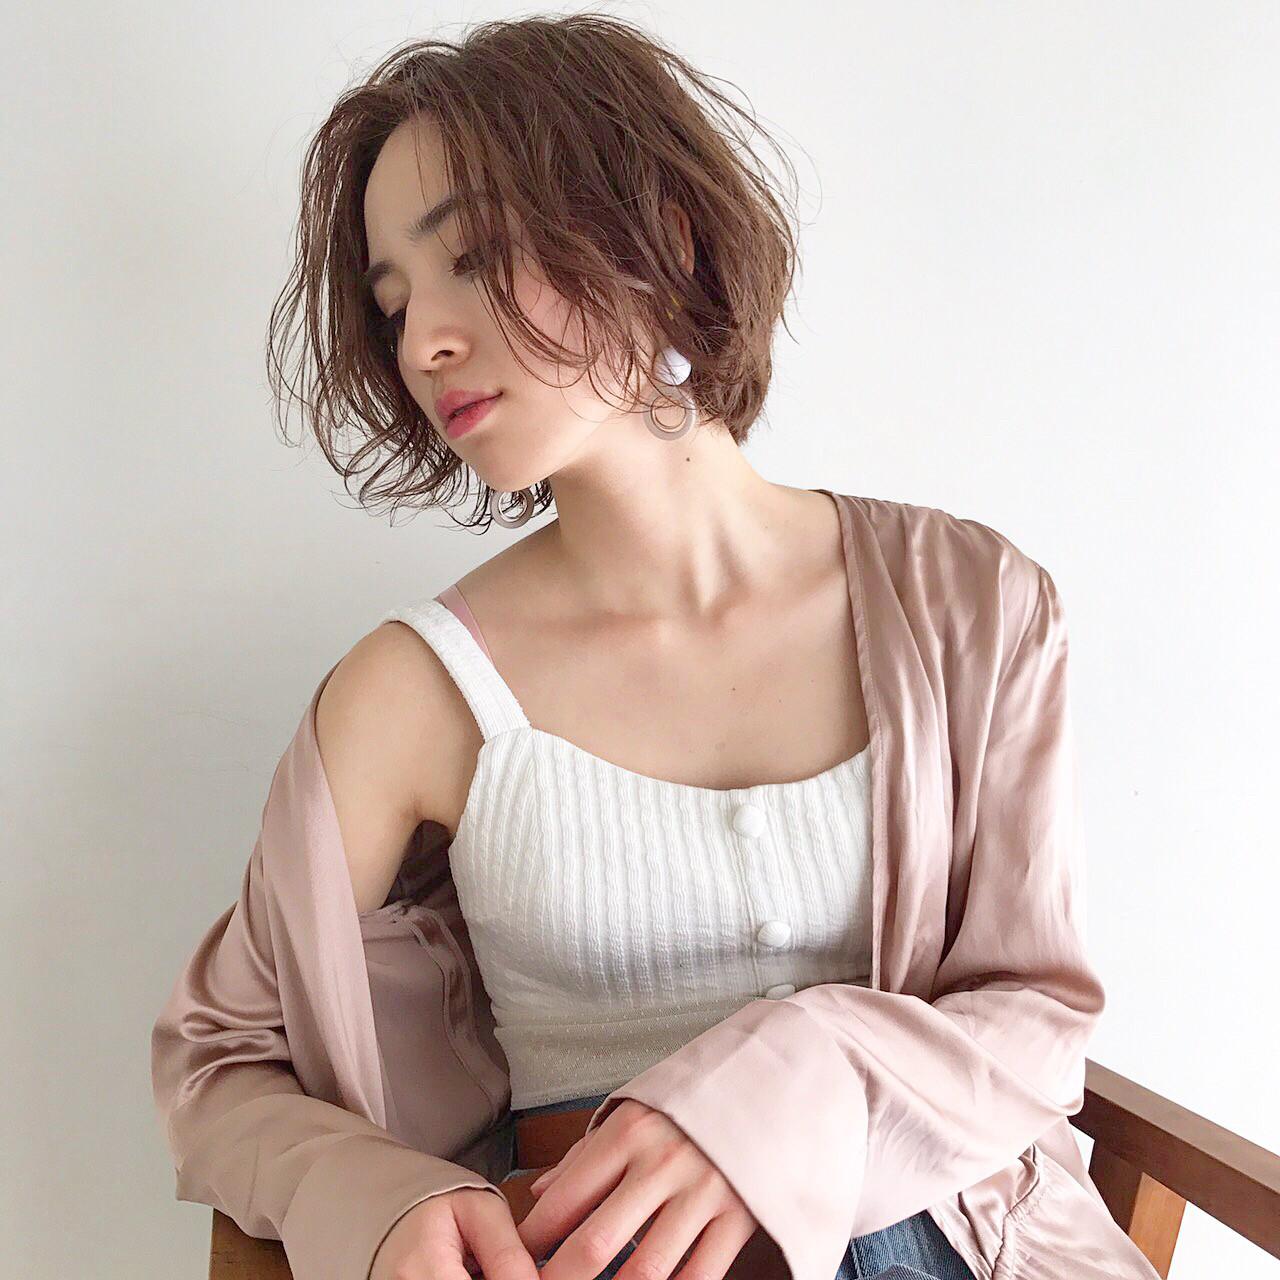 大人女子に人気の髪型とは?力の抜けたナチュラルさが魅力のヘアスタイル10選 菅沼宏恵